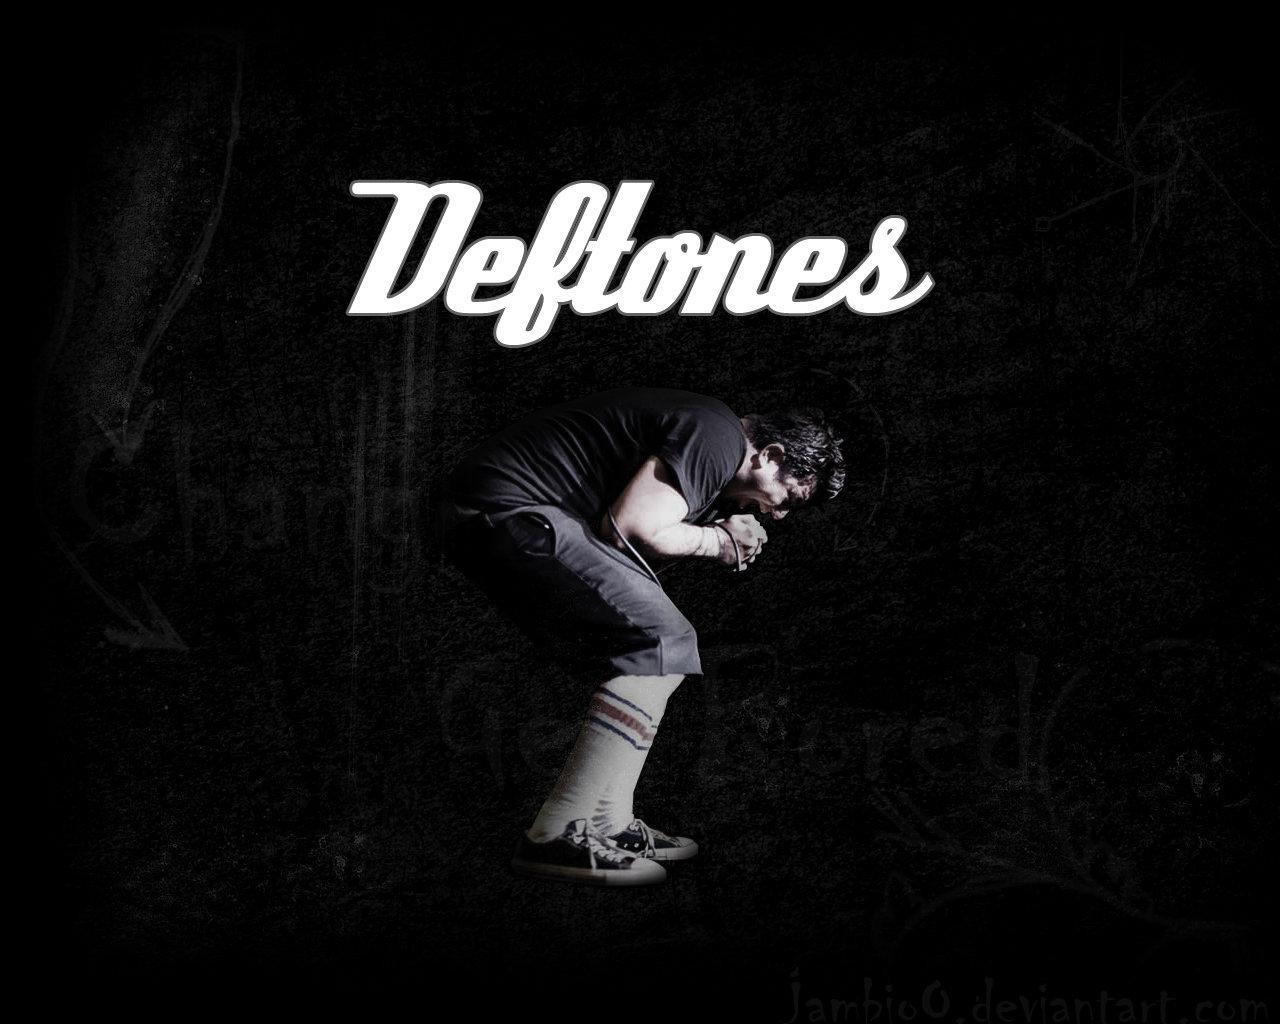 Deftones [Gifs y Wallpapers ] 1280x1024